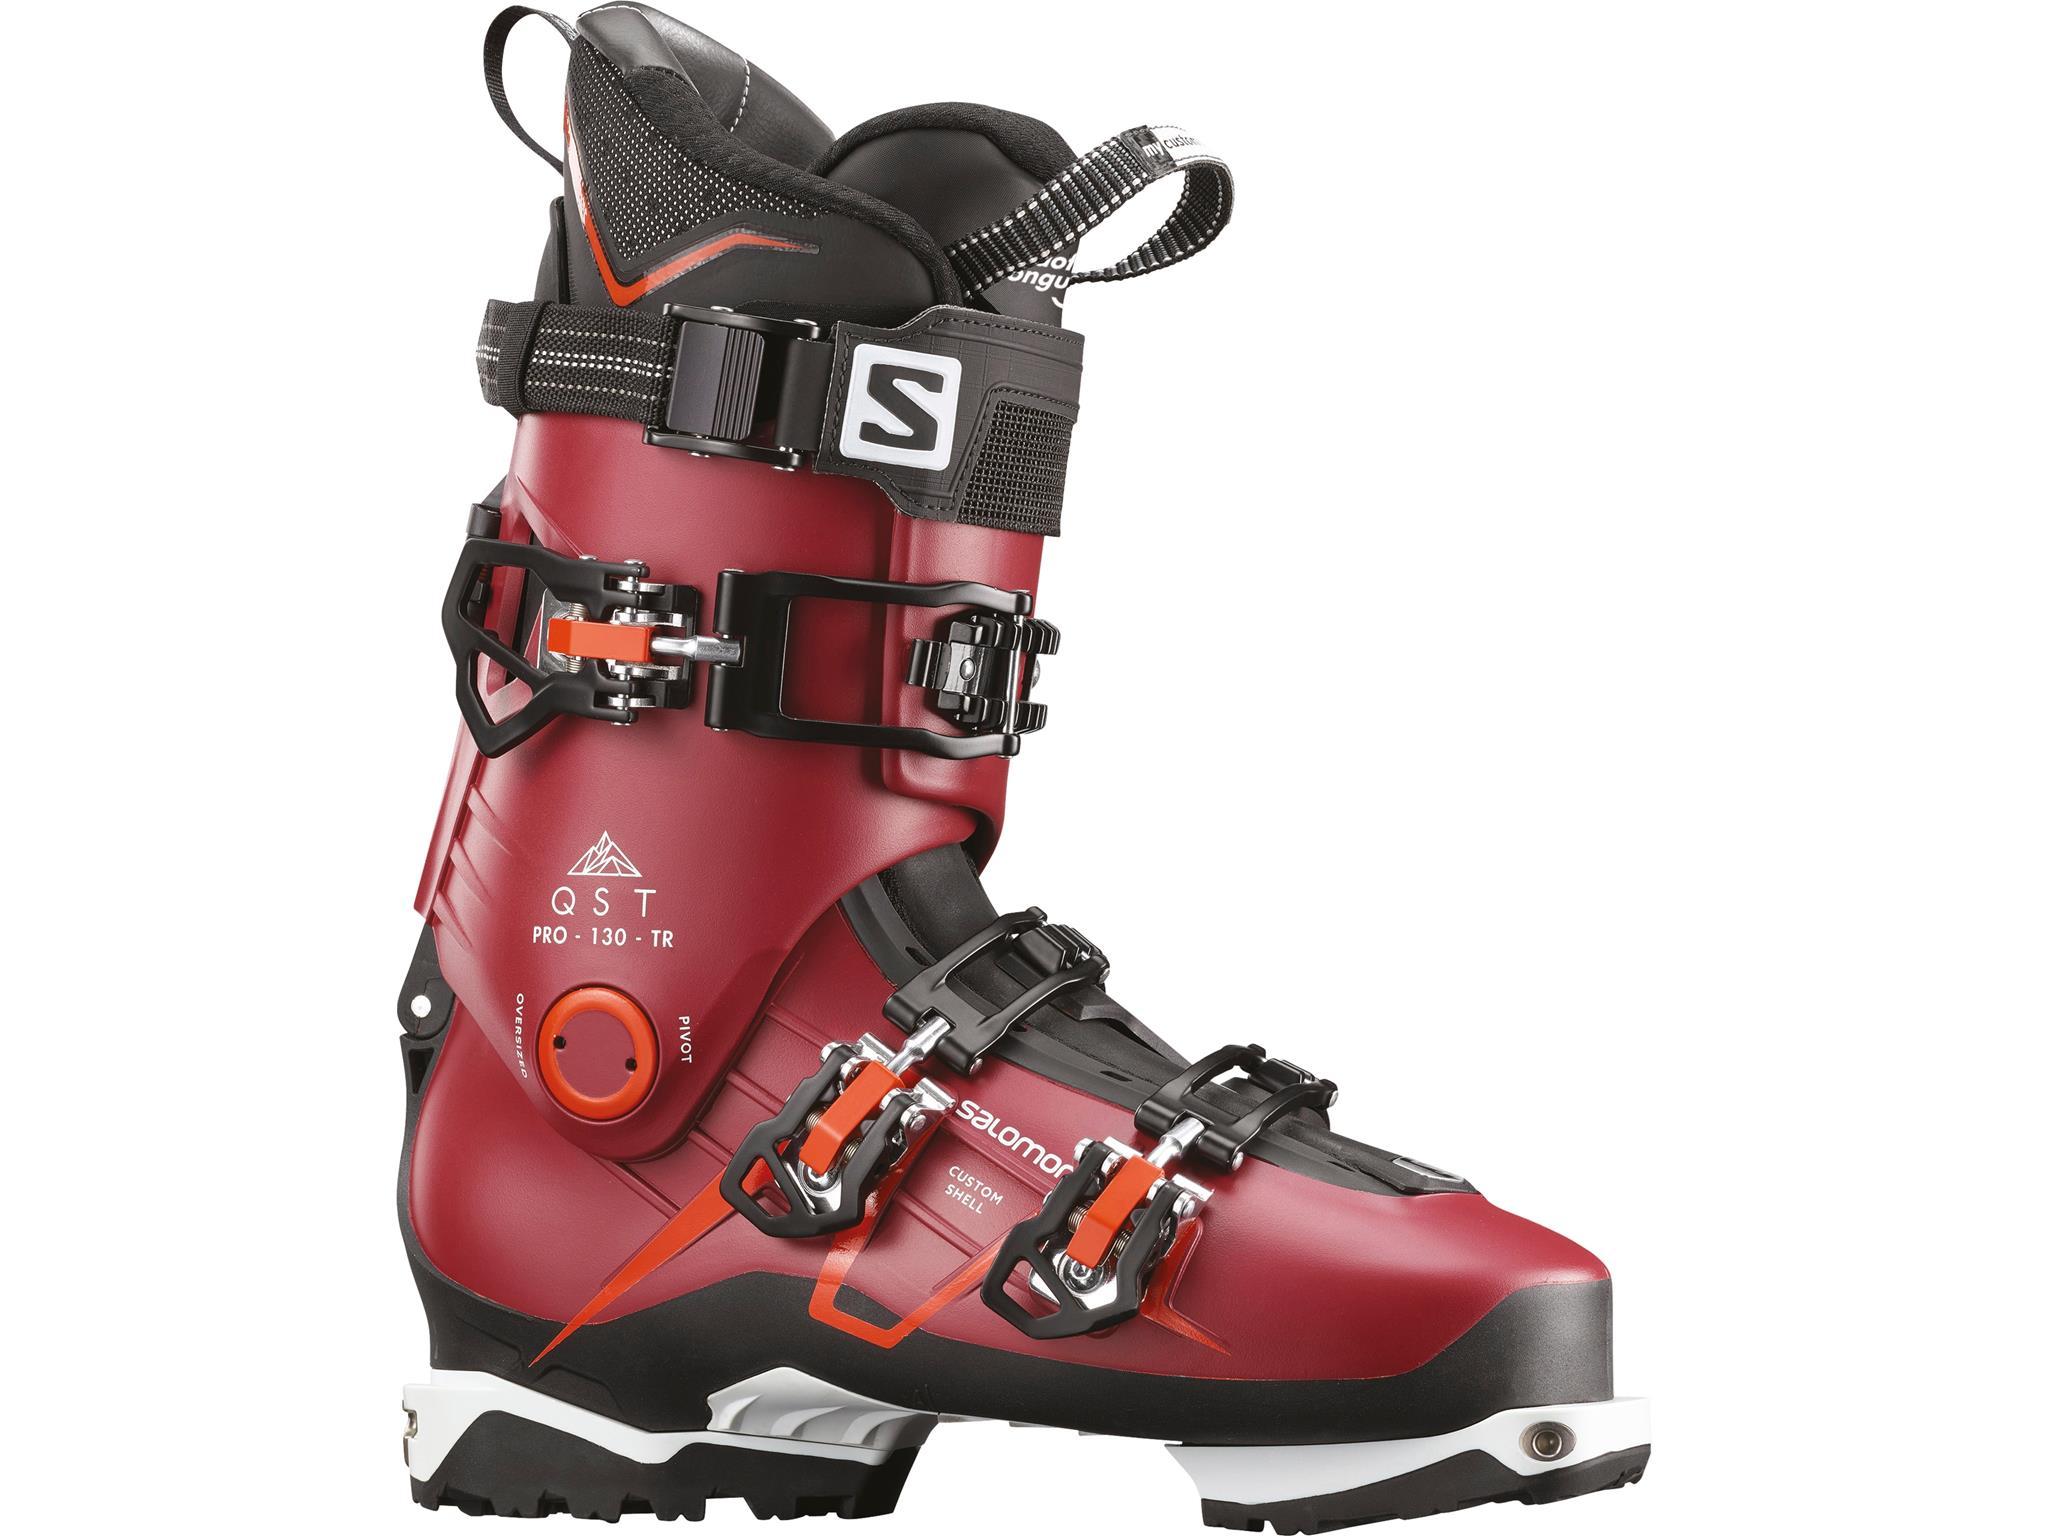 Buty narciarskie Salomon QST PRO 130 TR Sklep internetowy